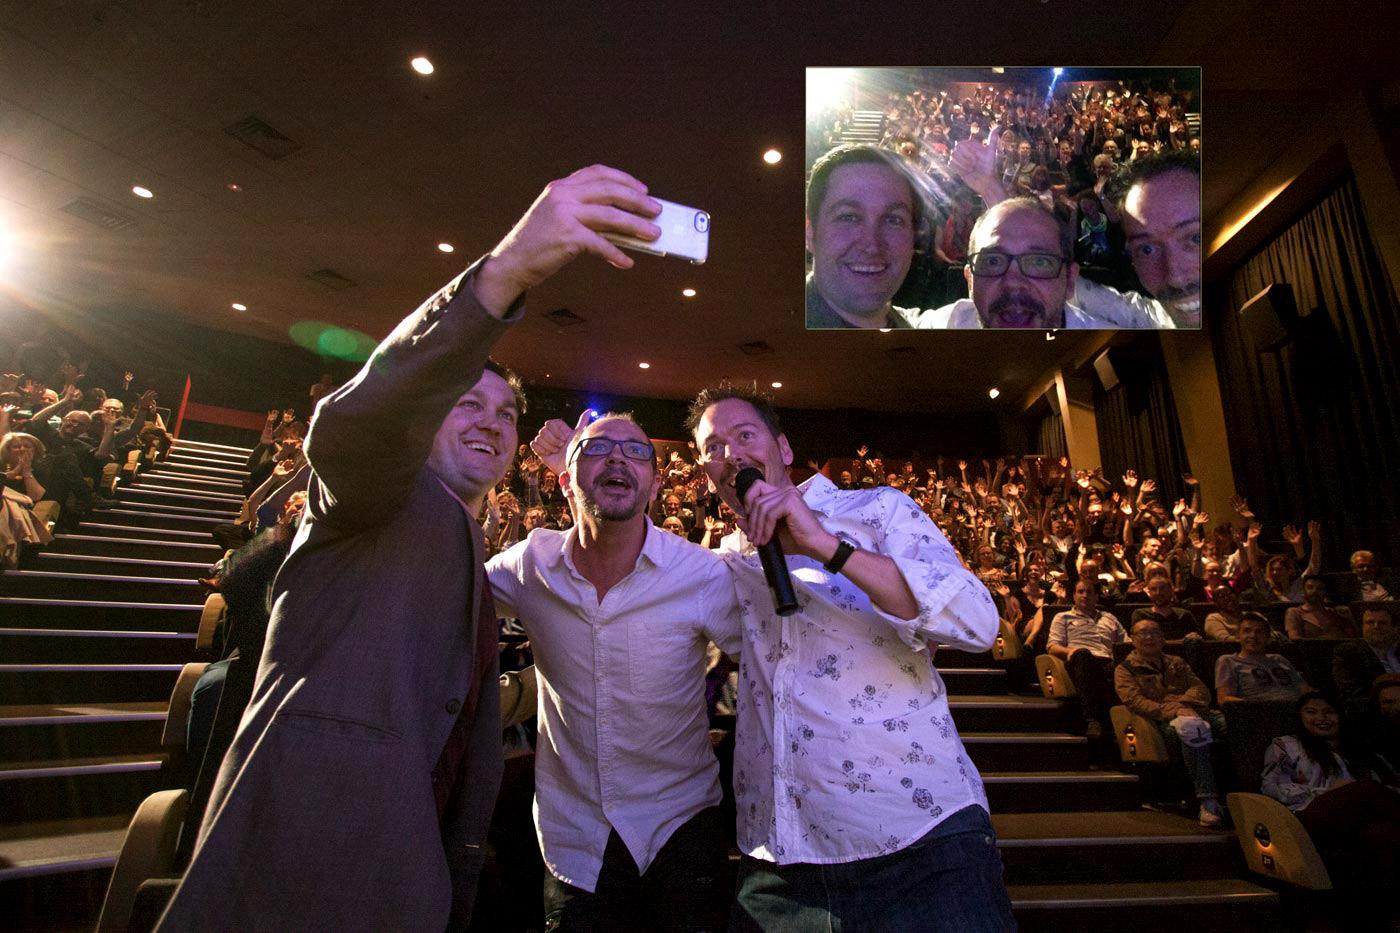 selfie-2(Small)2.jpg